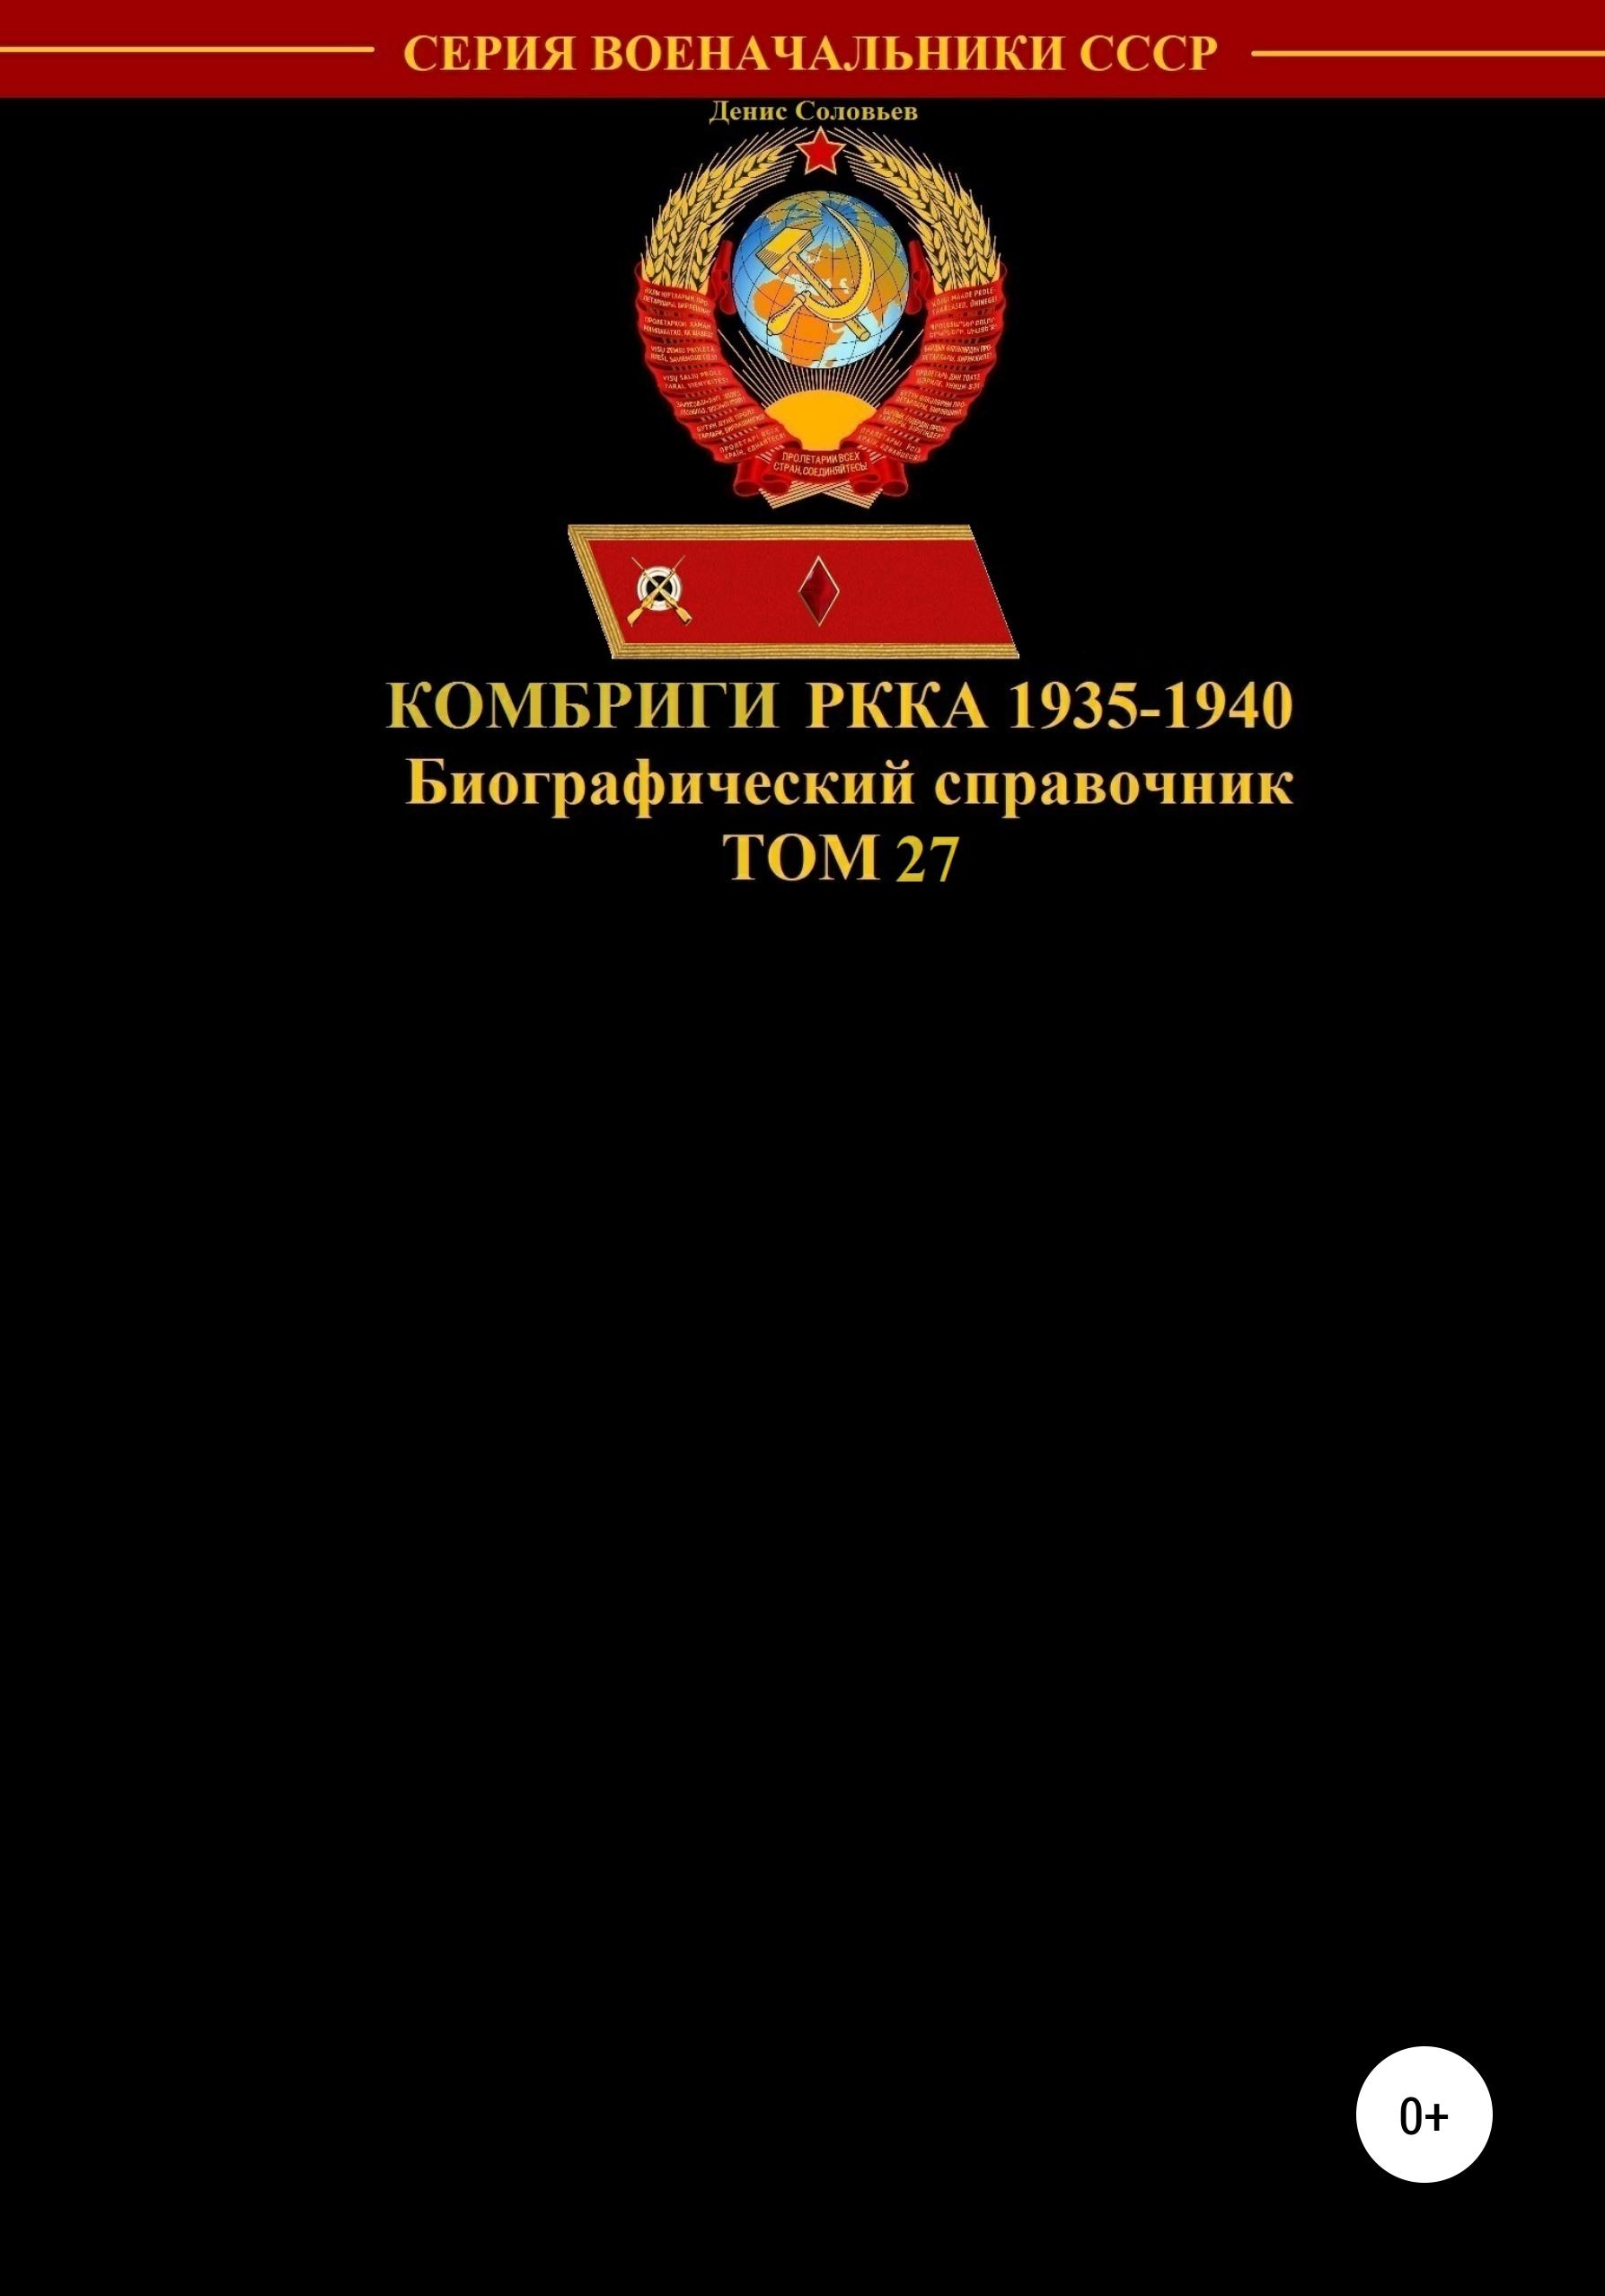 Купить книгу Комбриги РККА 1935-1940. Том 27, автора Дениса Юрьевича Соловьева